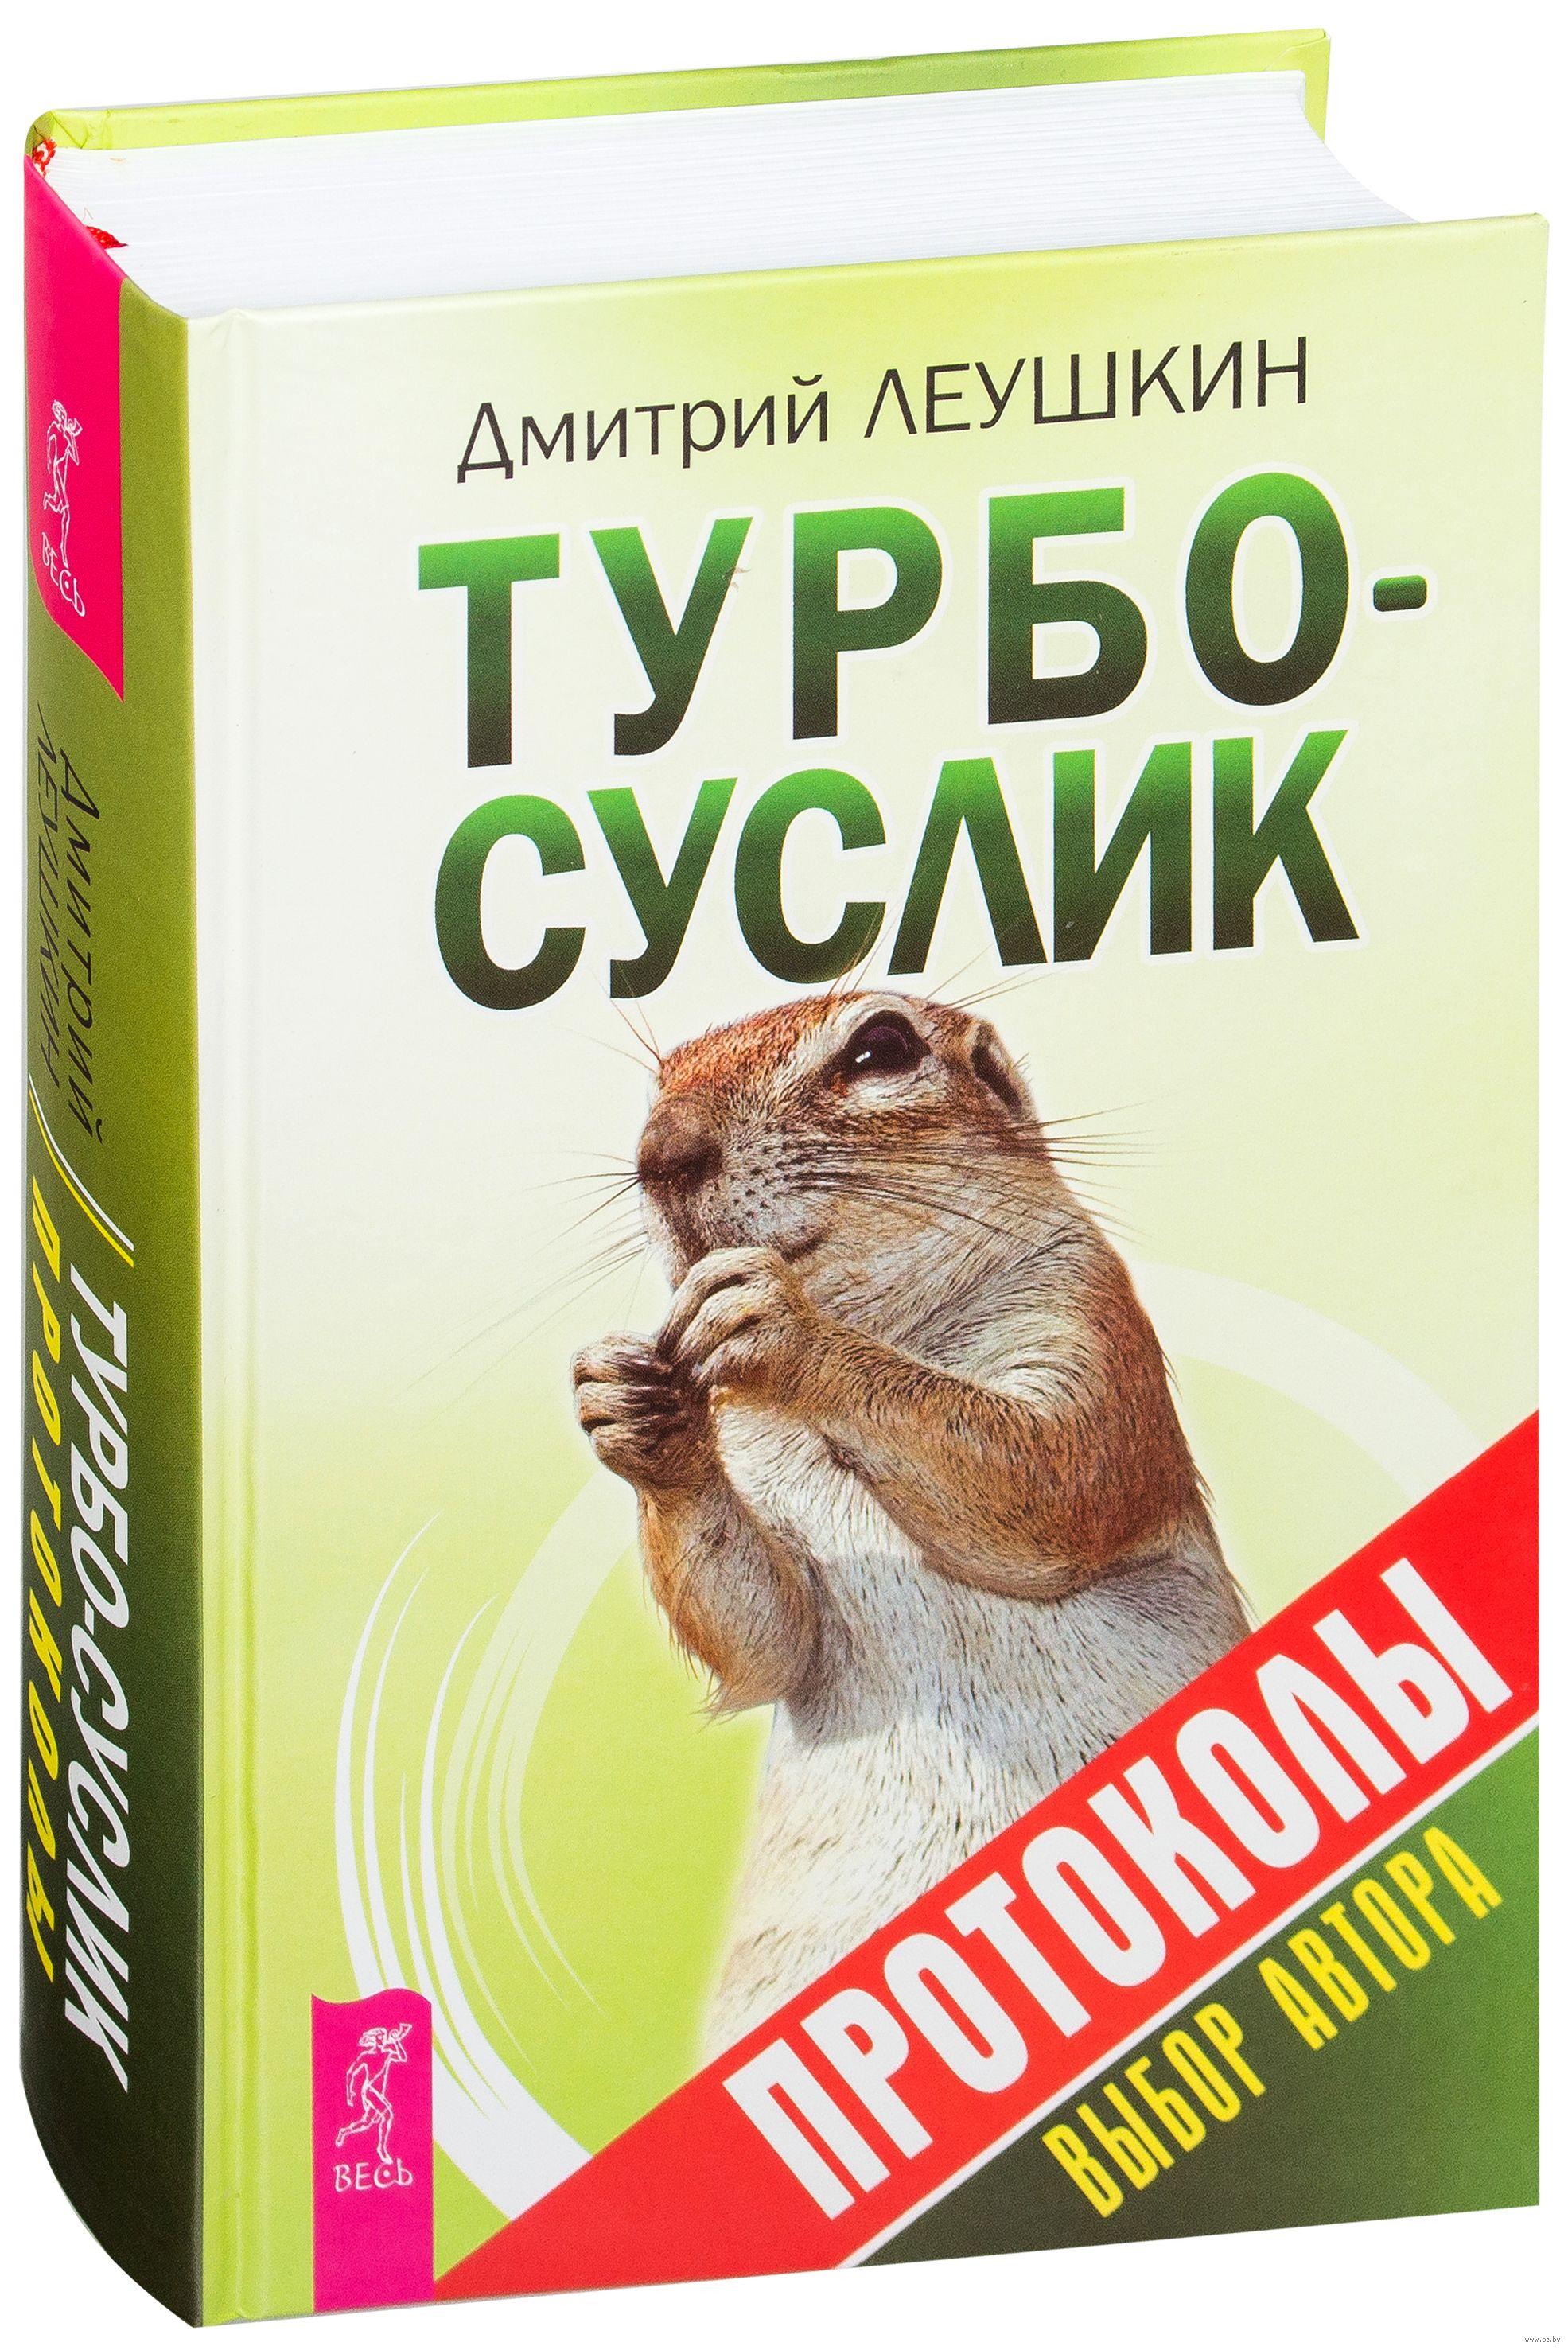 Фото дубинской екатерины дмитриевны может меняться